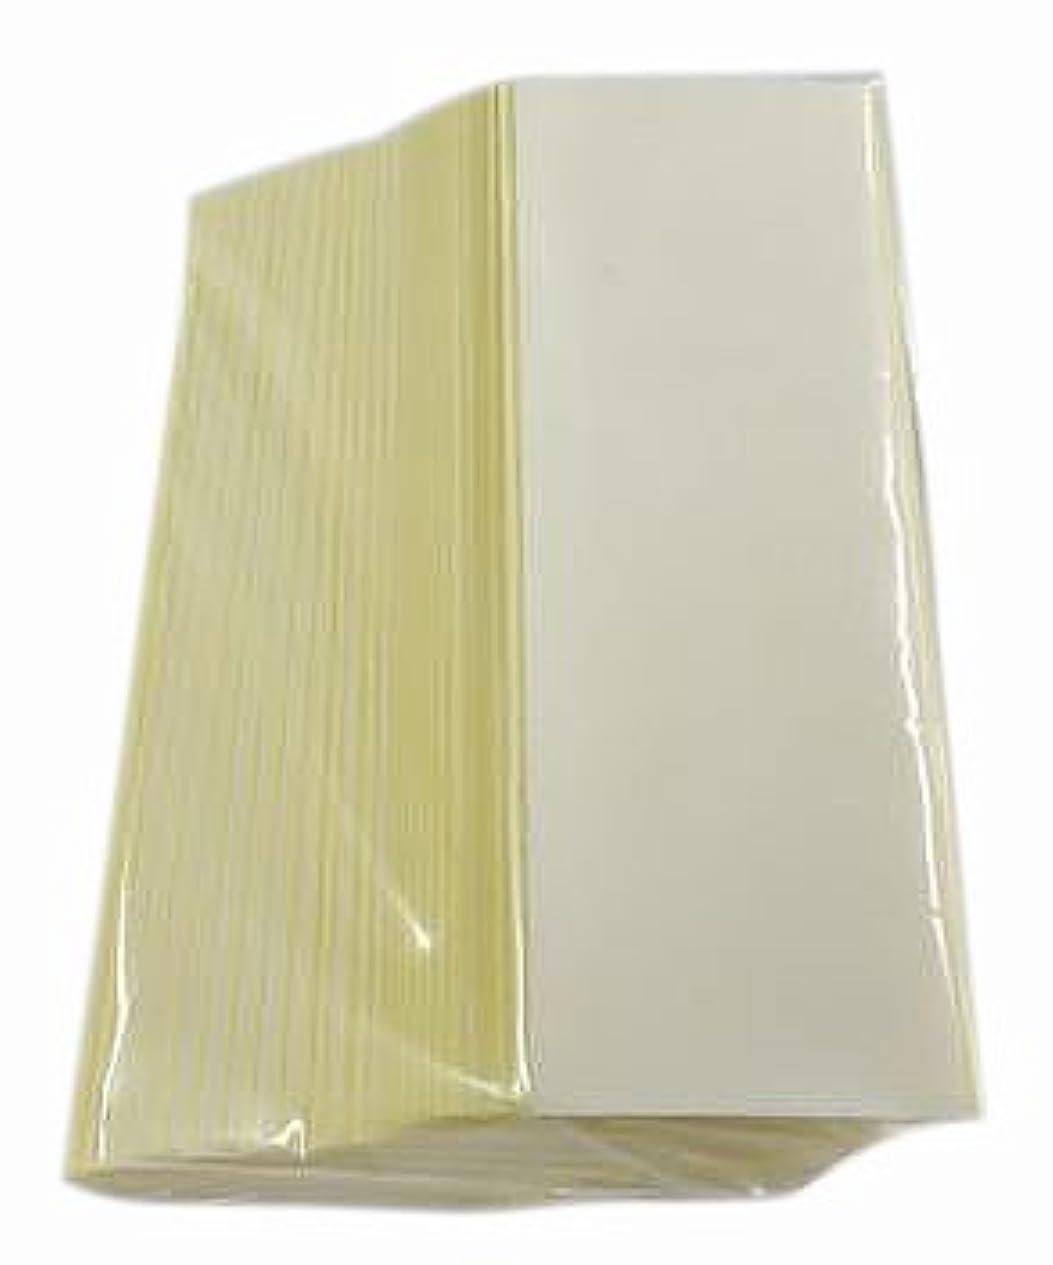 豊かな図書館アブストラクト3M製1522 カツラ用両面テープ 108枚入り 25mm×75mm